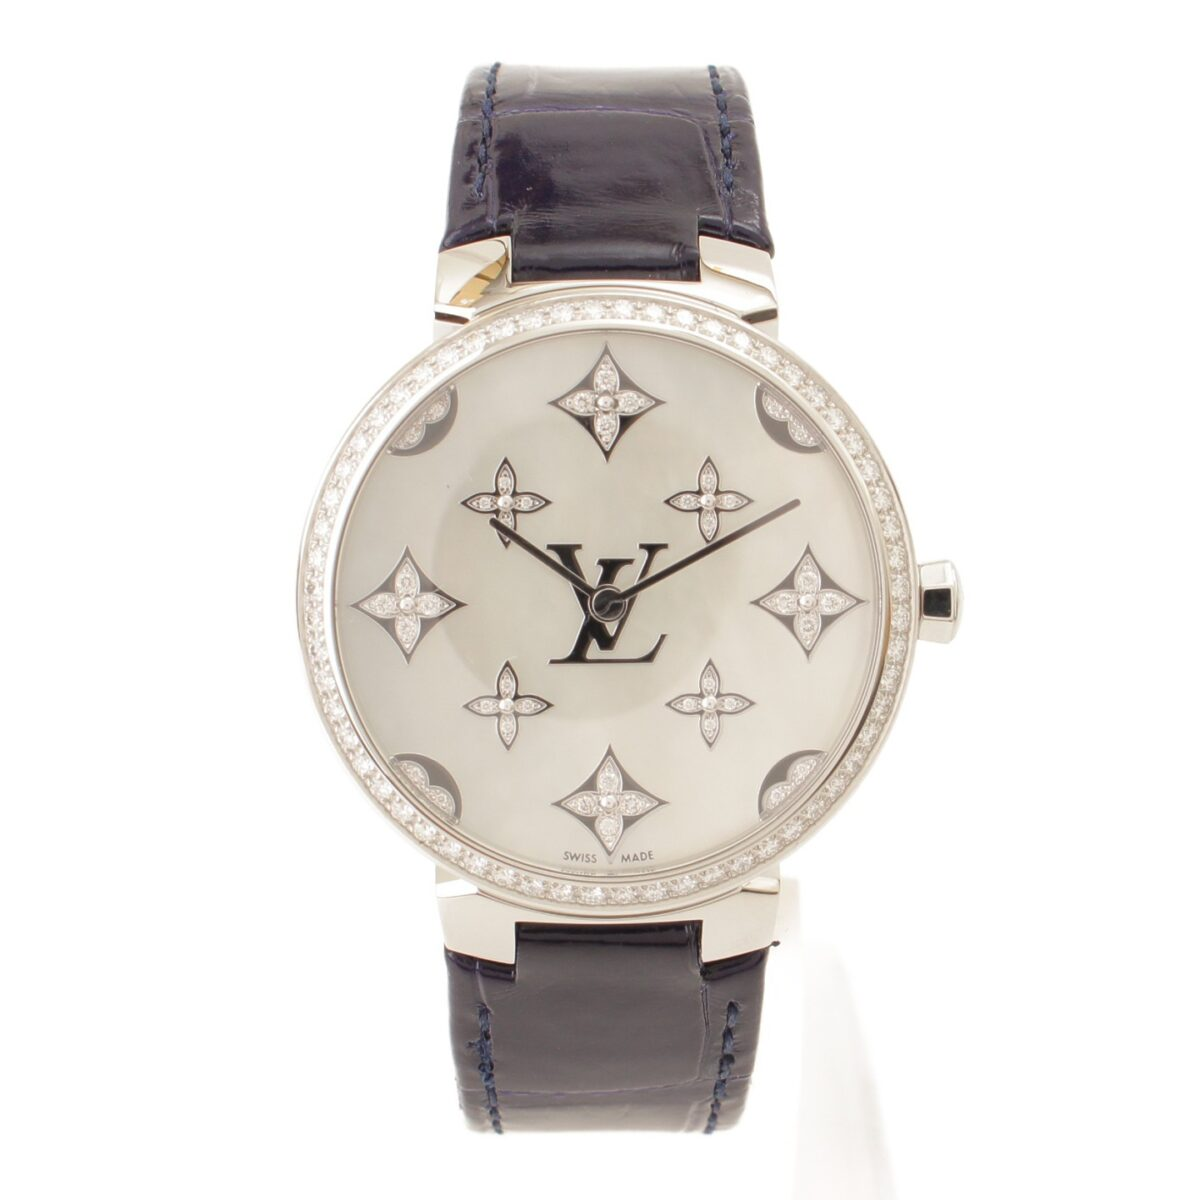 ルイヴィトン タンブール スリム モノグラム ディアモン ダンテル 33 ダイヤベゼル 腕時計 アリゲーター QA110Z 替えベルト付